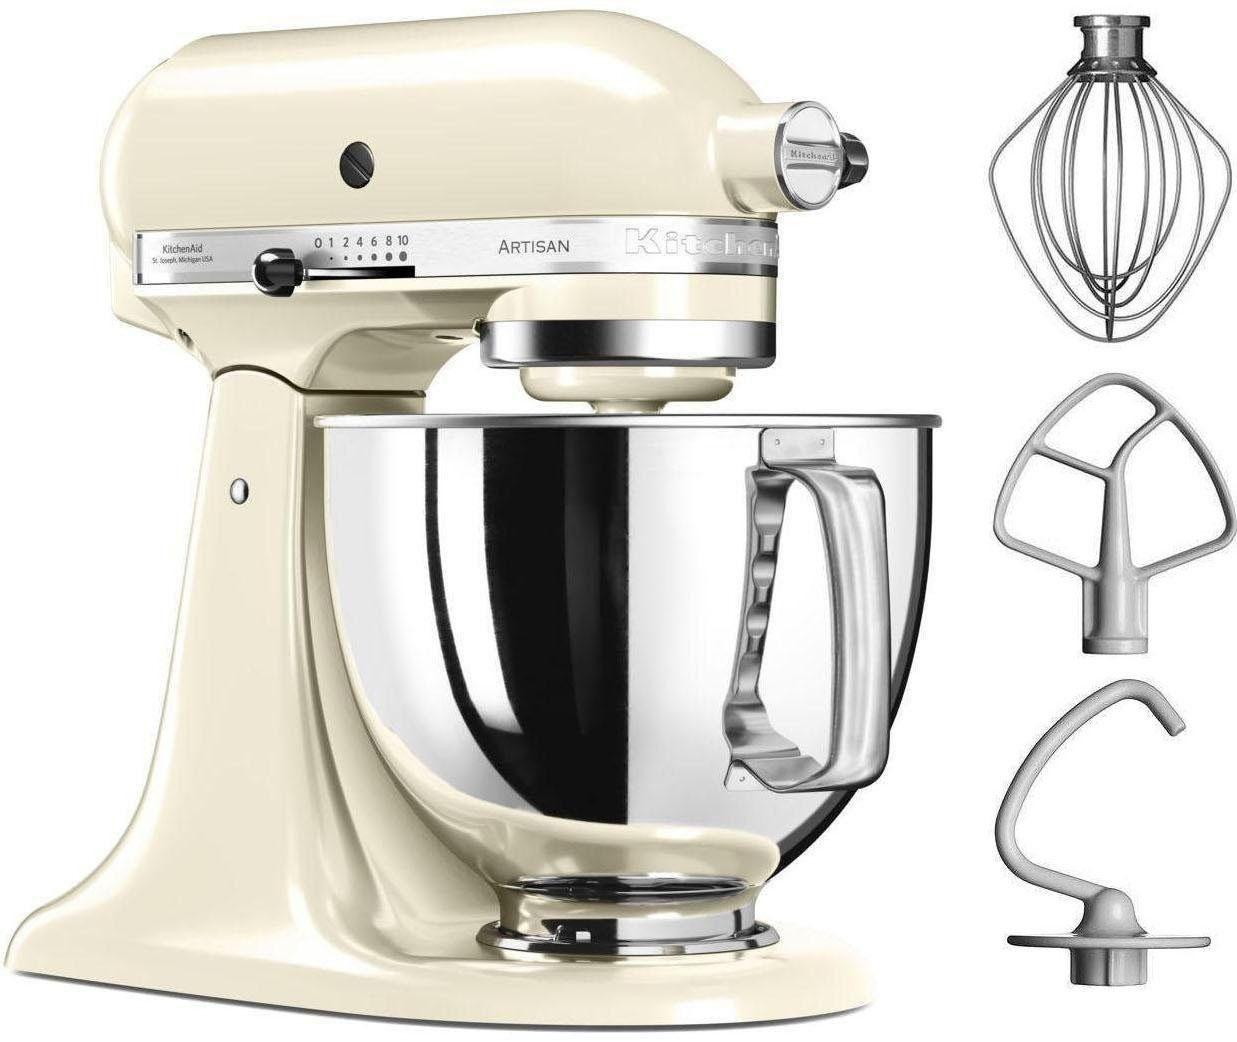 KitchenAid® Küchenmaschine Artisan 5KSM125EAC, 4,8 Liter, 300 Watt, creme